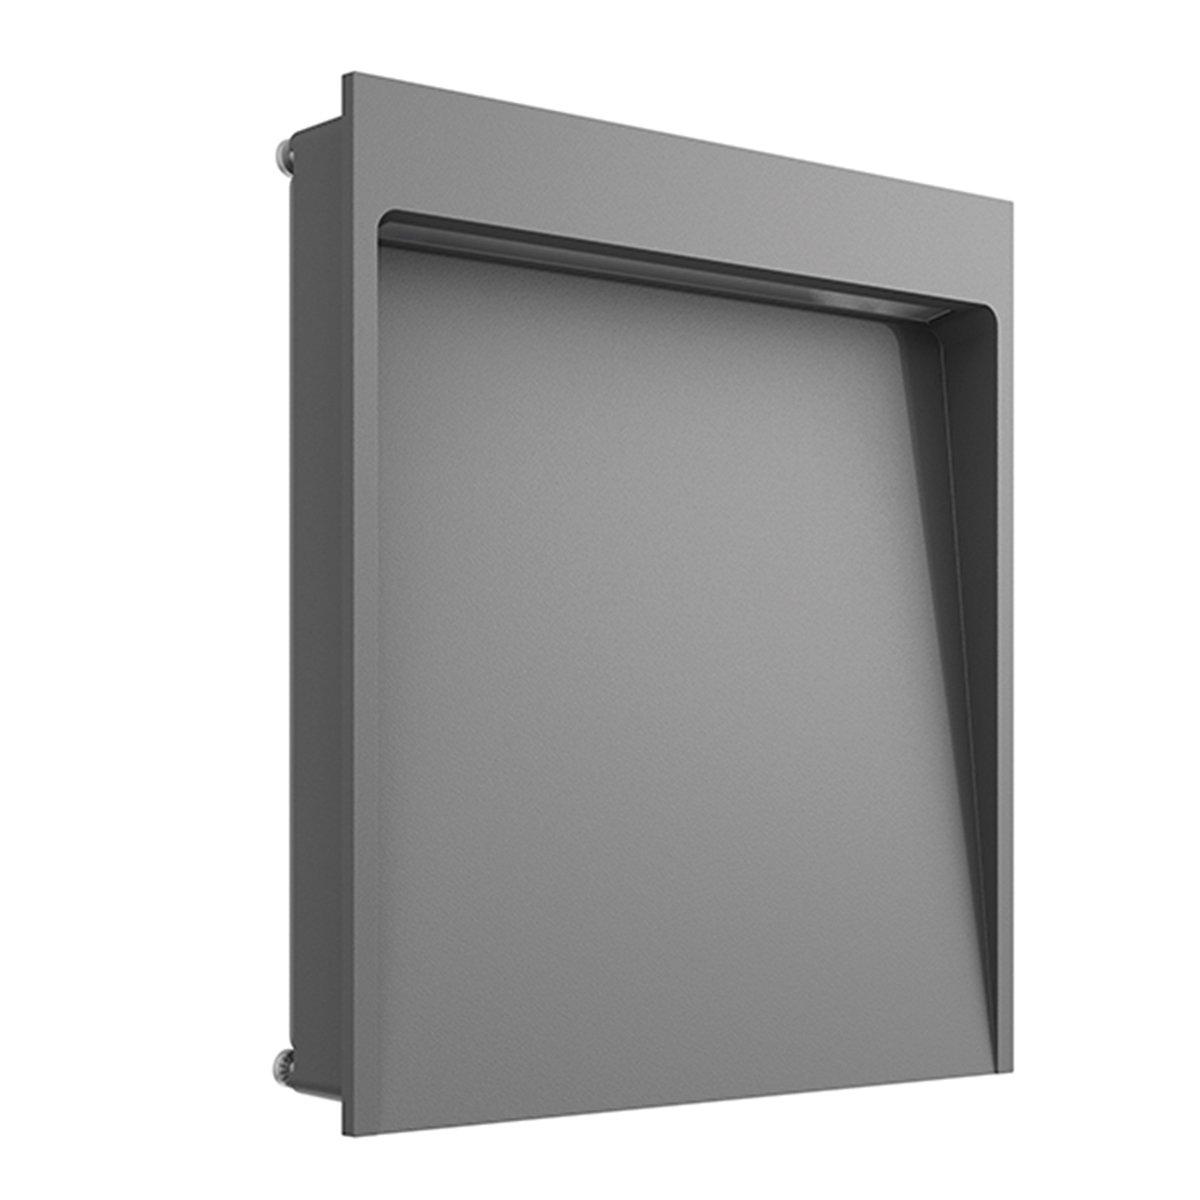 FLOS My Way Outdoor Wandlamp 210x200 Antraciet - 2700K